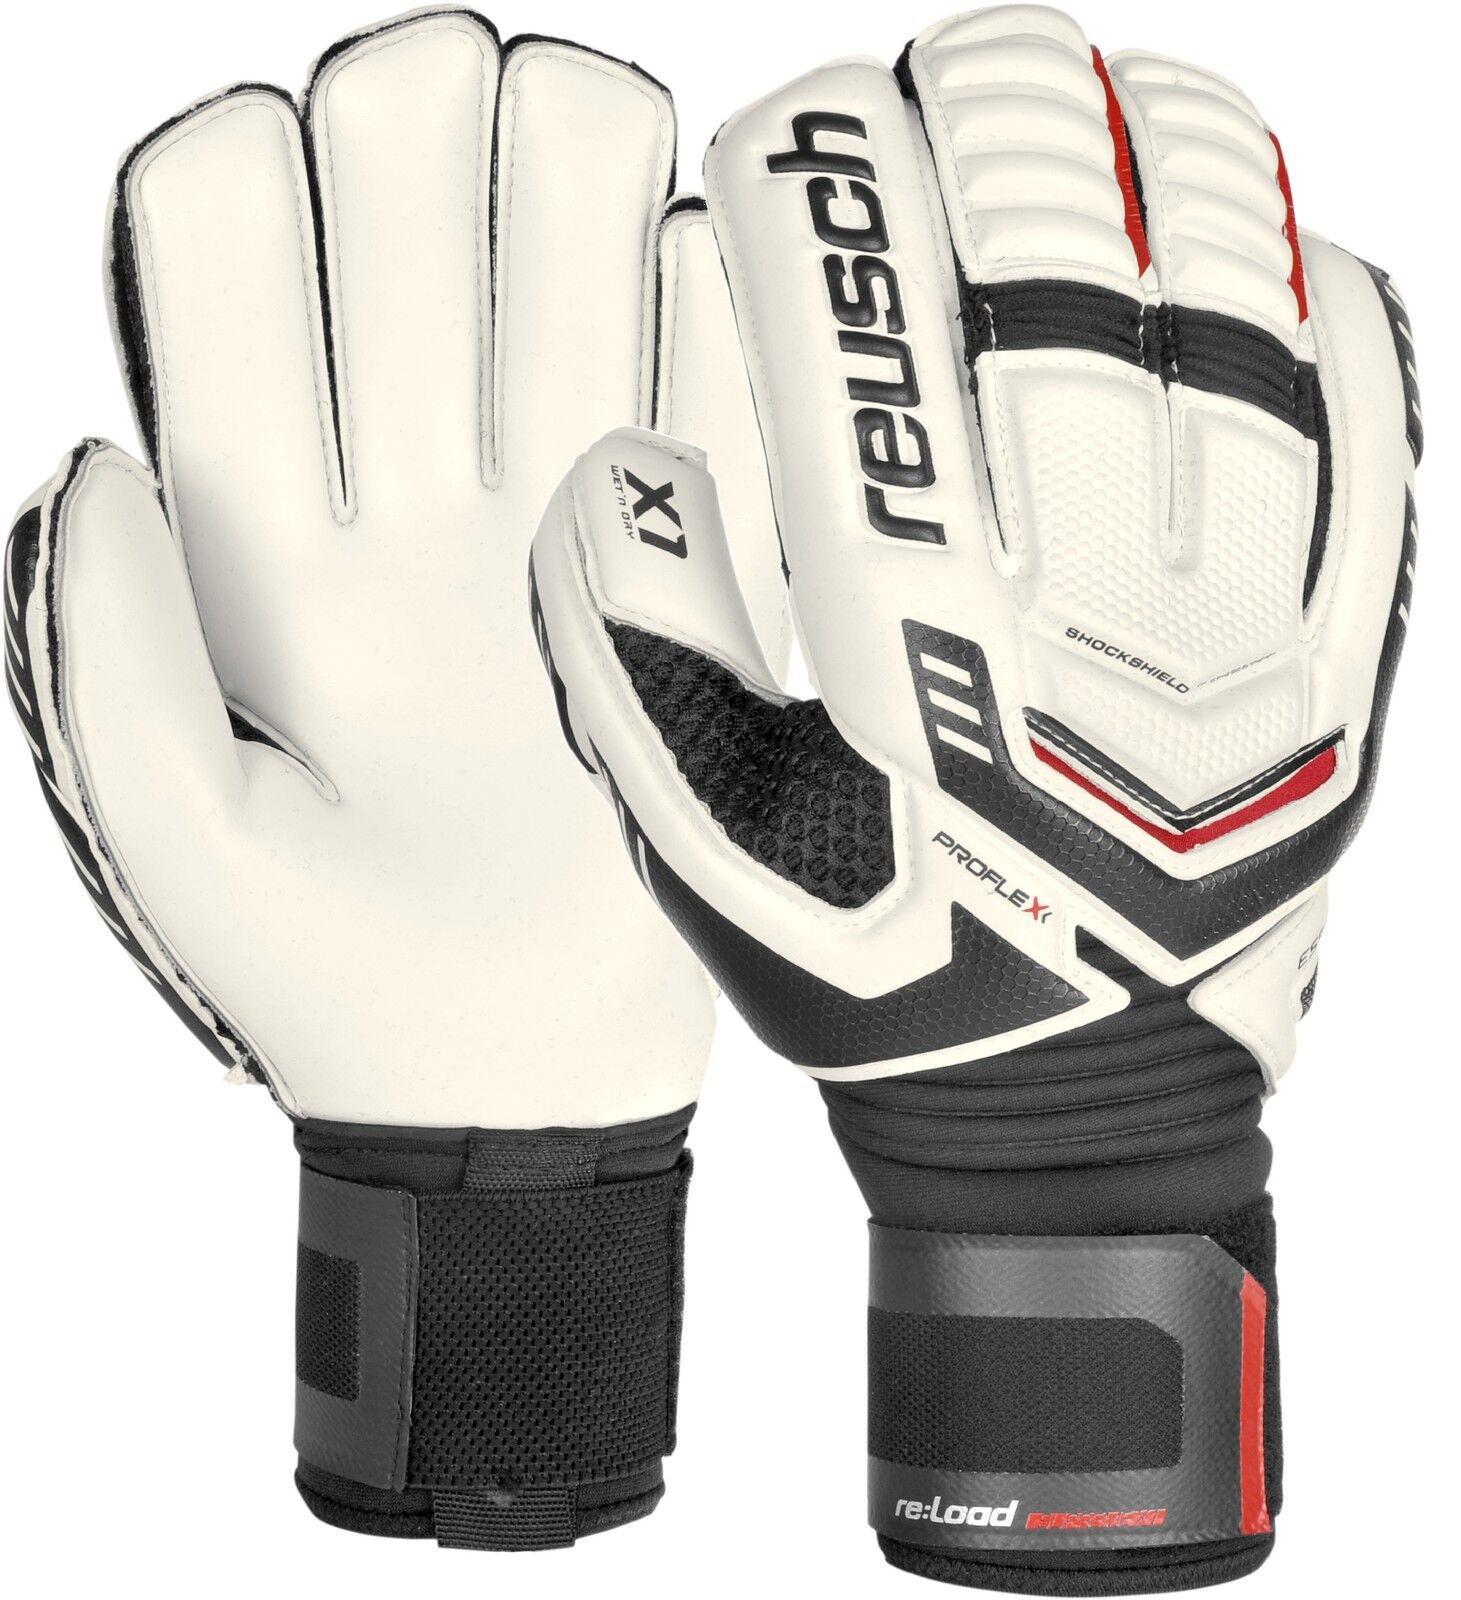 Handschuhe Torhüter REUSCH neu laden Supreme X1 weiß Customization